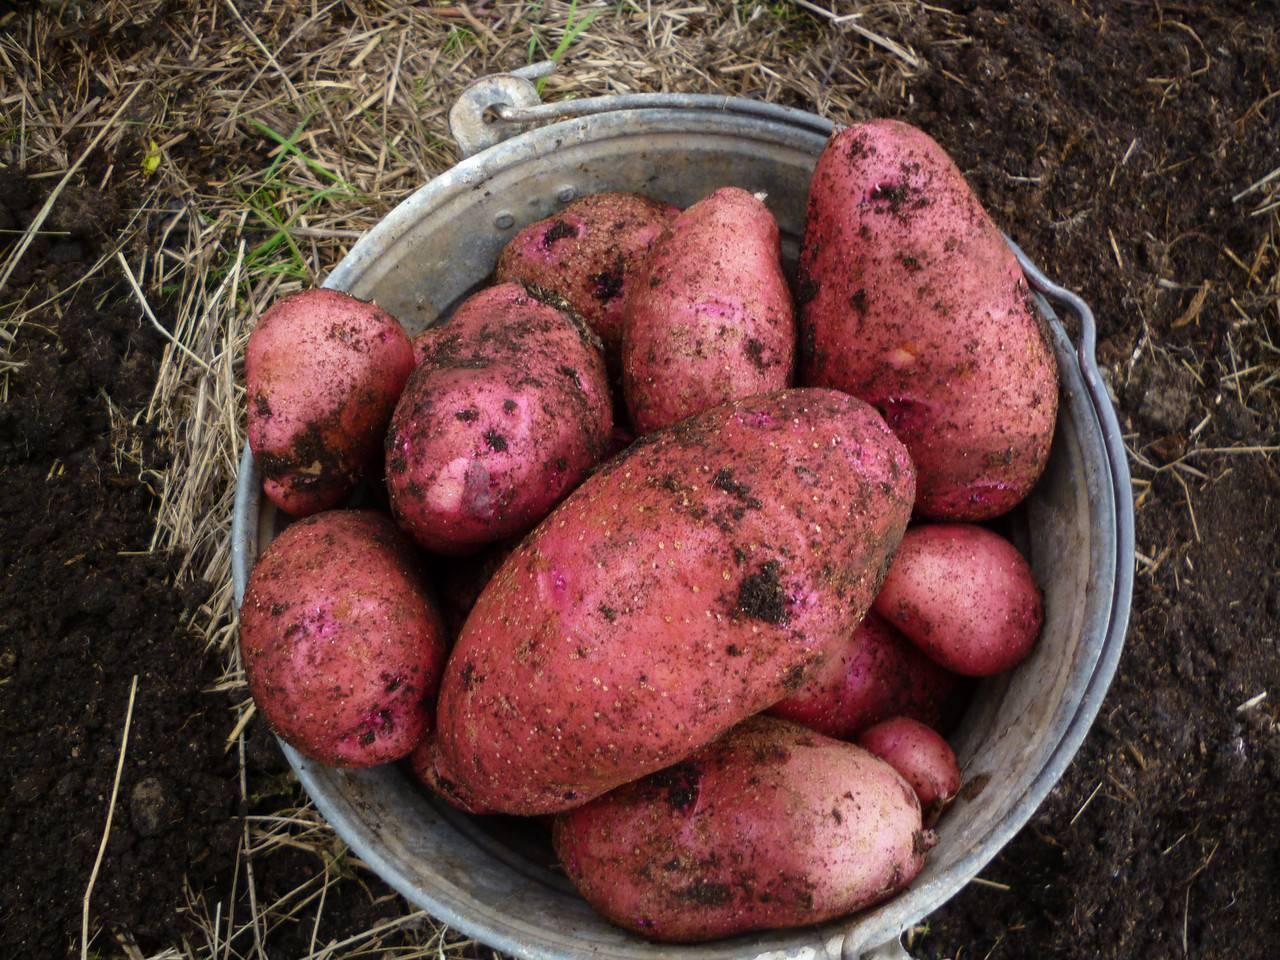 Универсальный сорт картофеля гала: урожайность, неприхотливость, долгое хранение